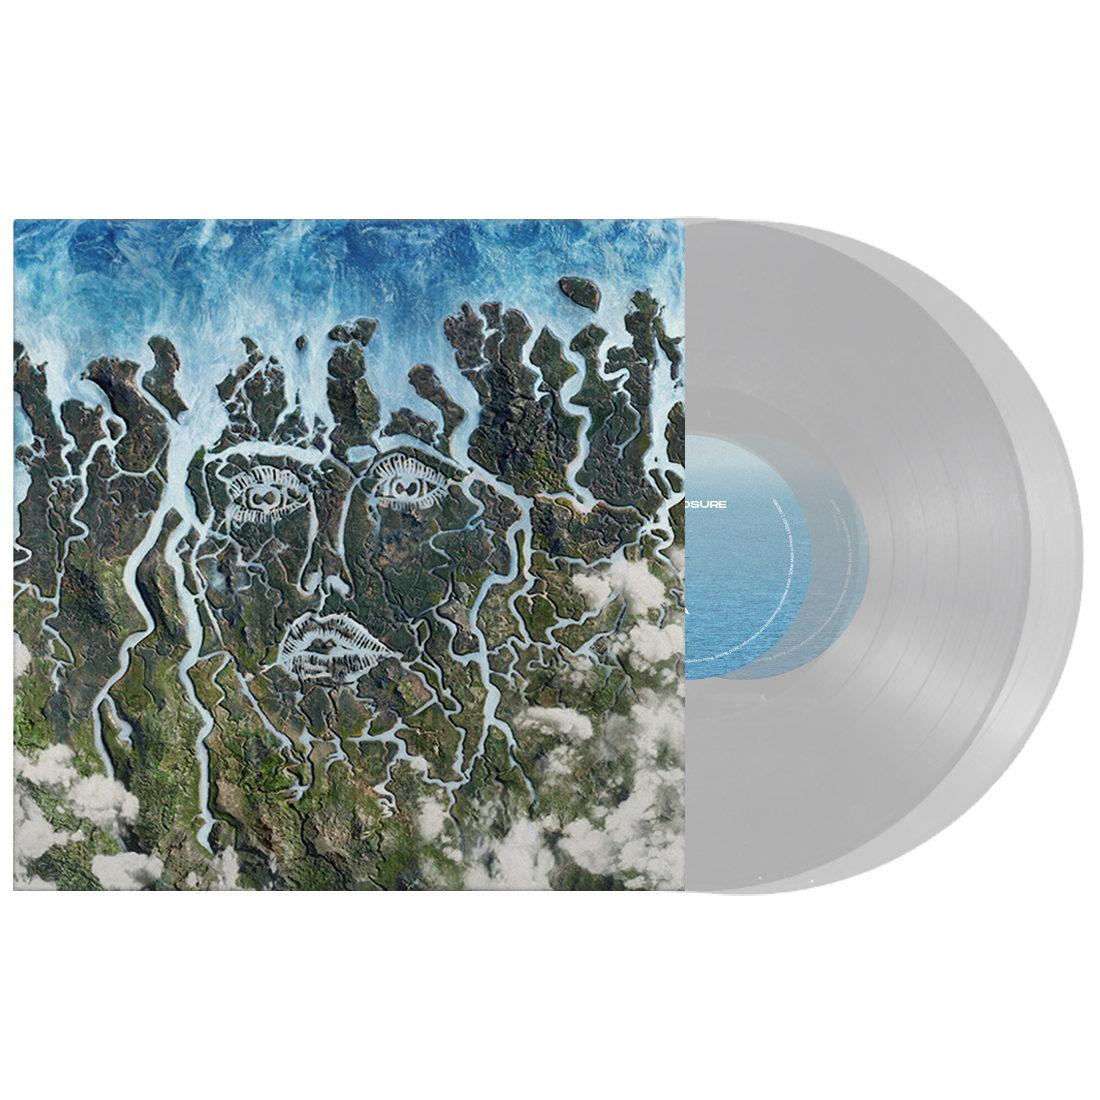 Виниловая пластинка Disclosure - Energy (coloured)